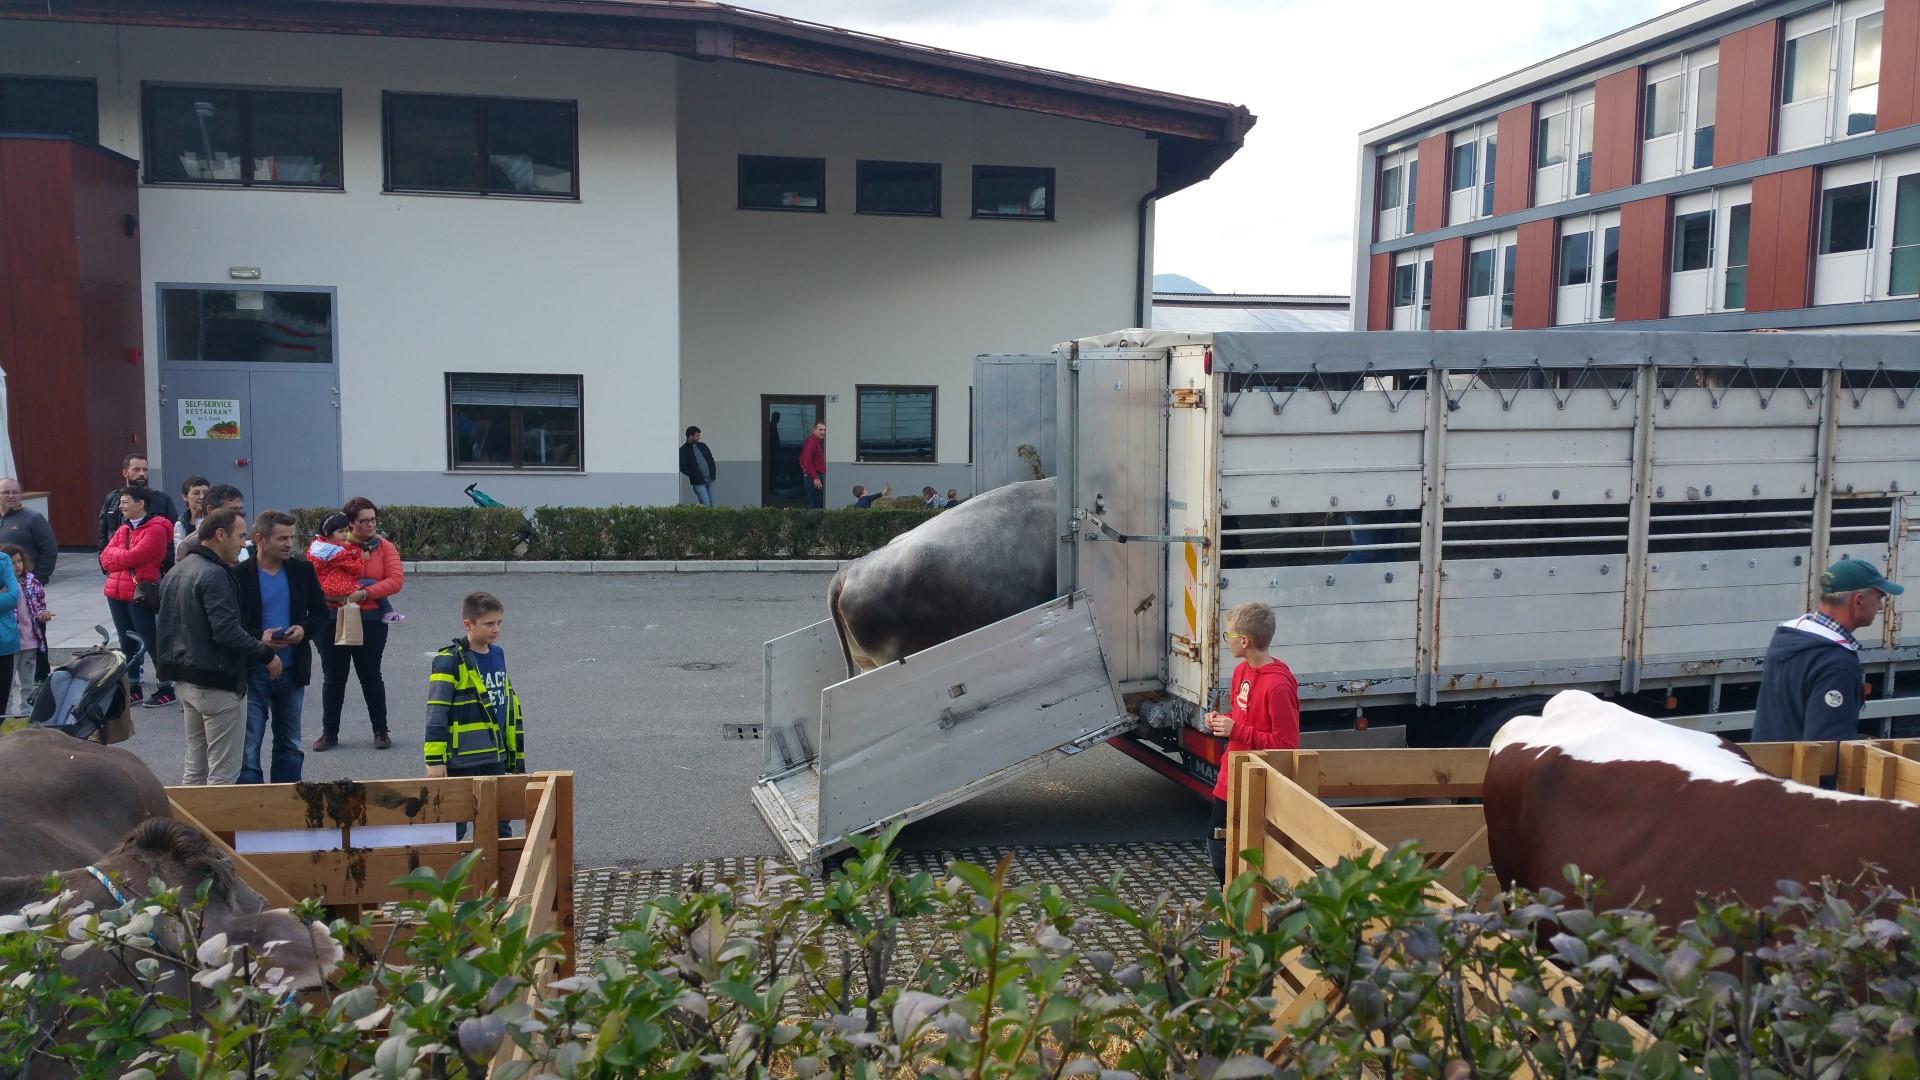 20161015 160704 - Fronte animalista Bolzano - Manifestazione Porte aperte 10 anni della casa della zootecnia